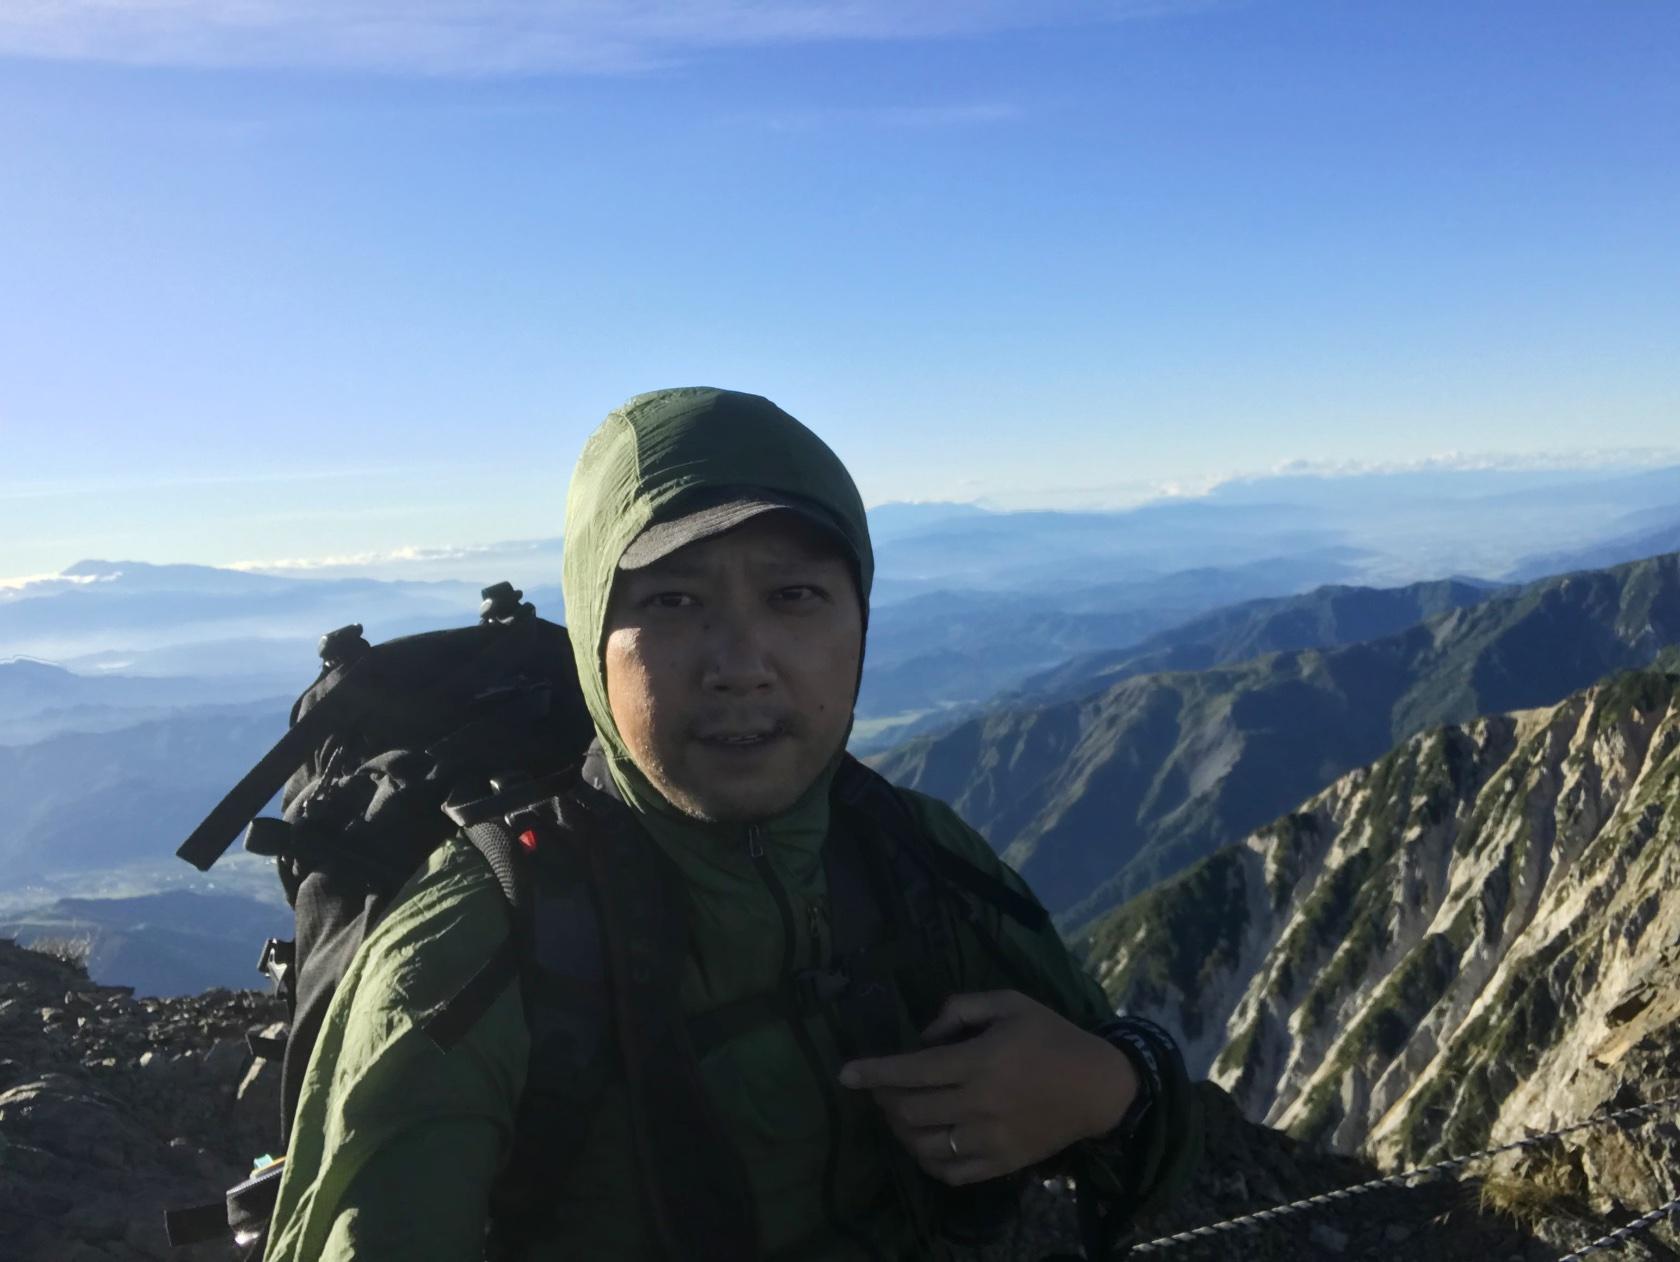 夏の北アルプスの稜線で爆風に吹かれている著者。 Patagonia のフーディニジャケット(通称「パタゴニアのシャカシャカ」)で風を凌いでいる。